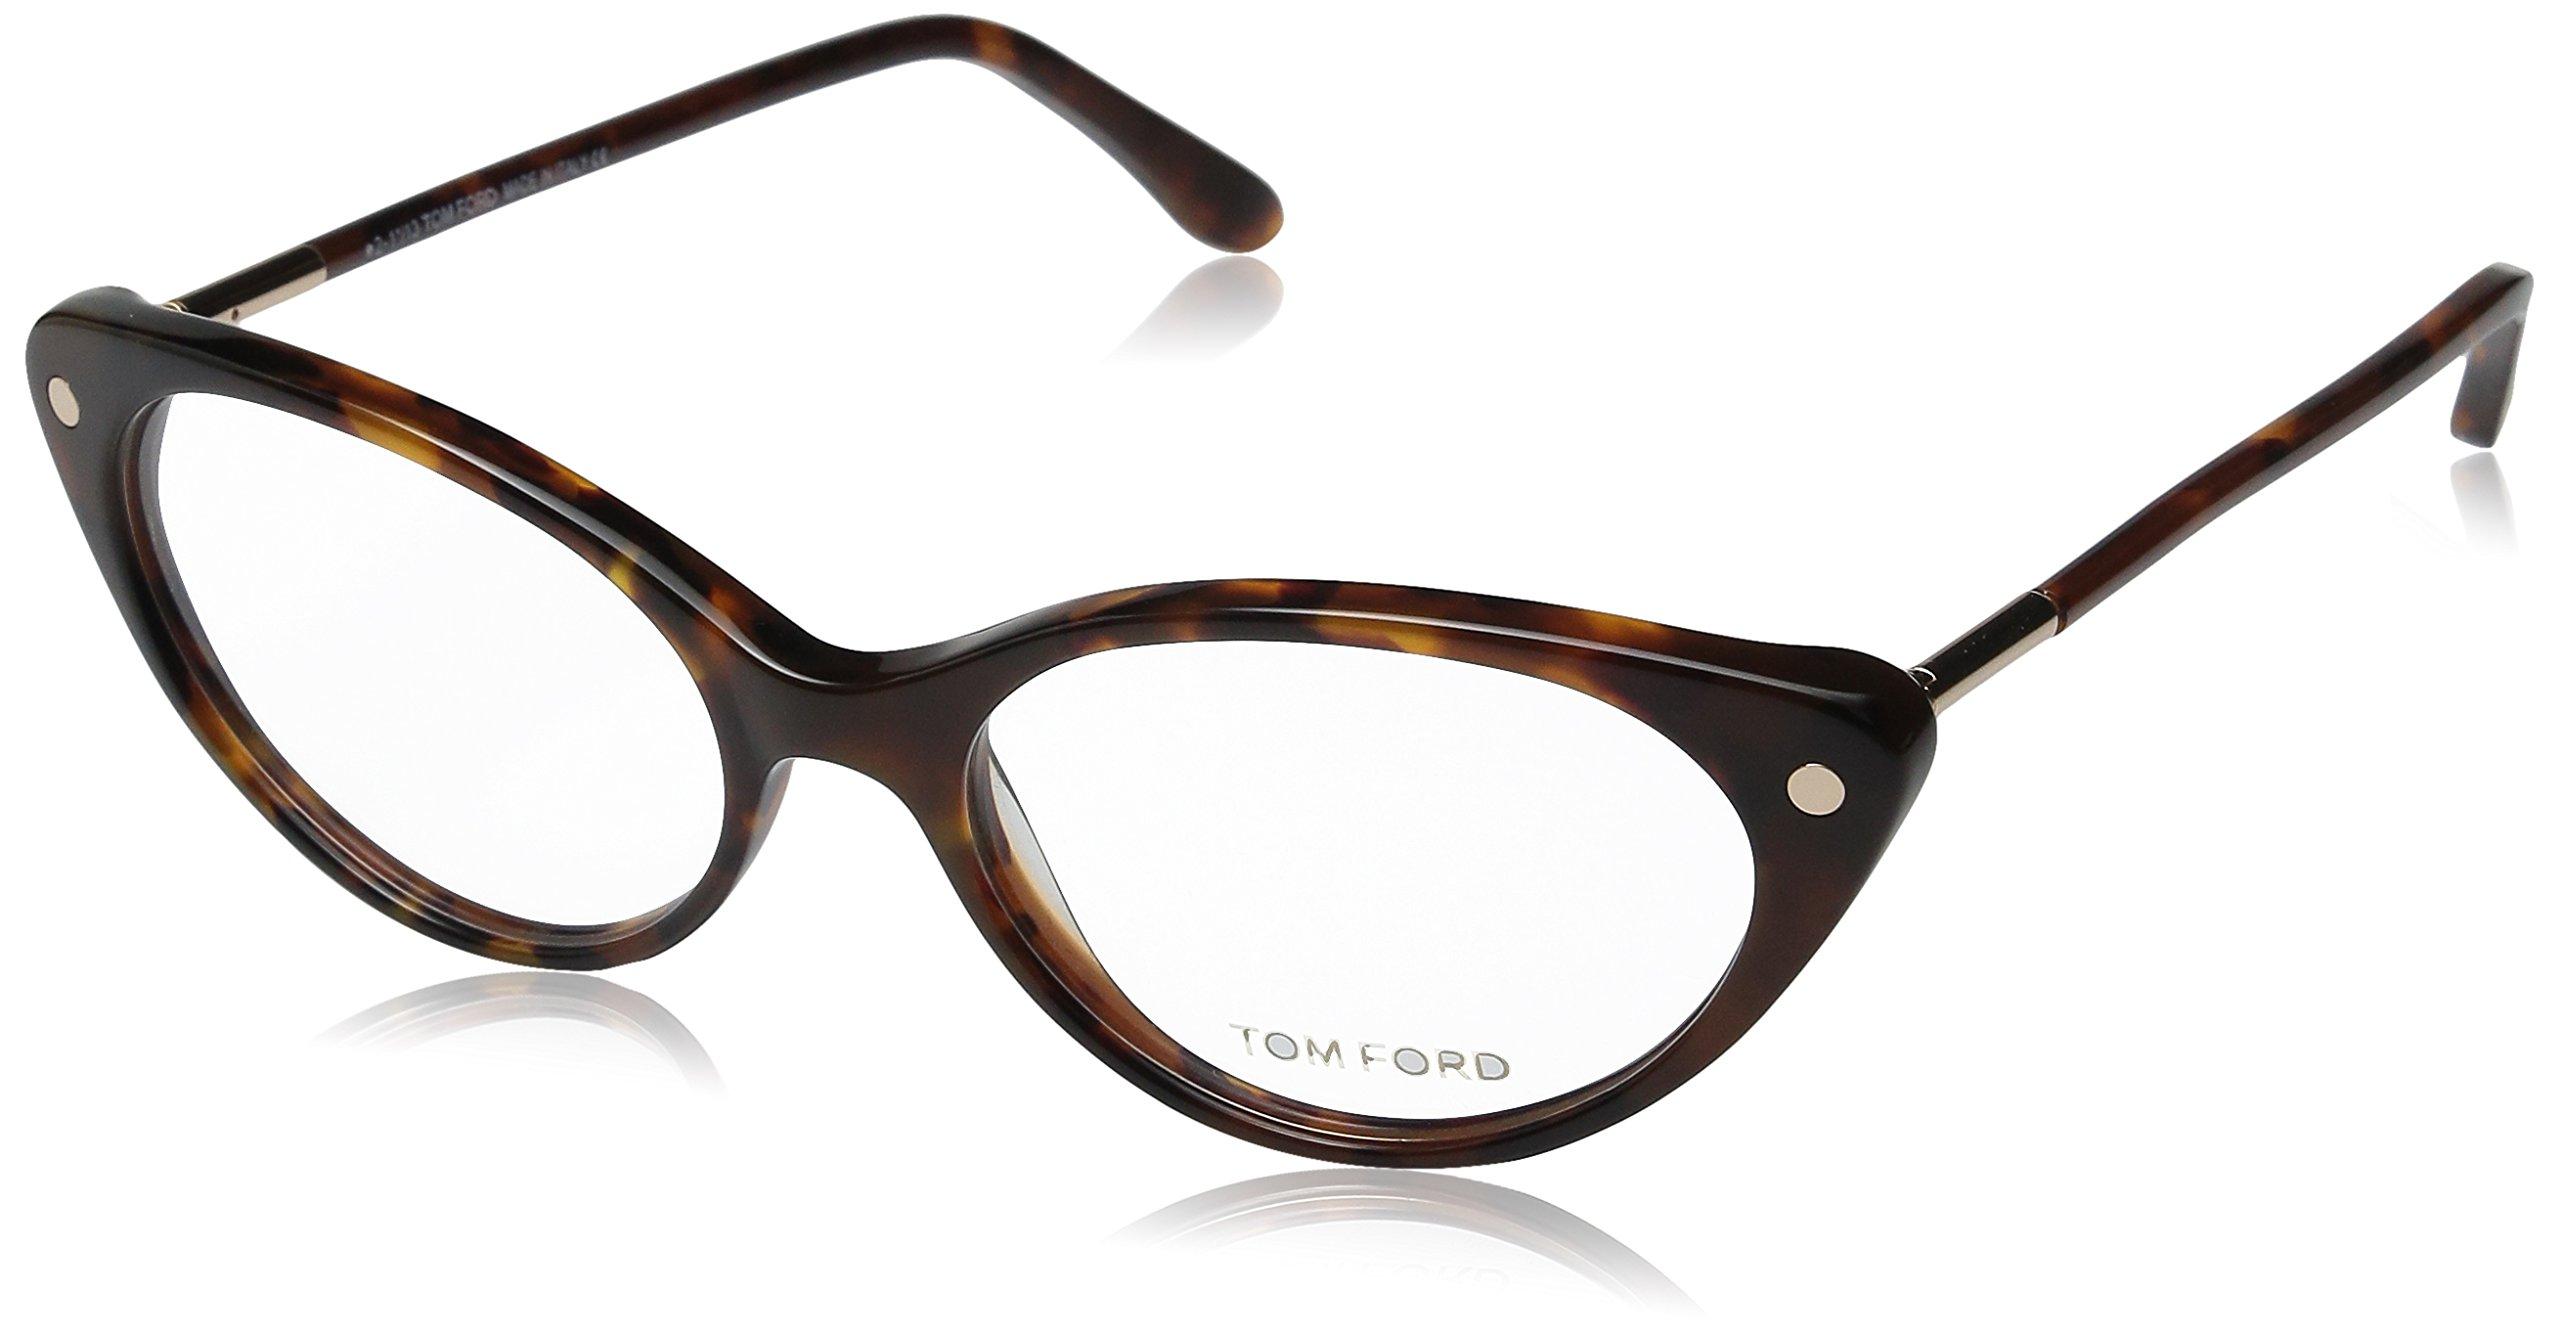 Tom Ford Eyeglasses TF 5189 HAVANA 055 TF5189